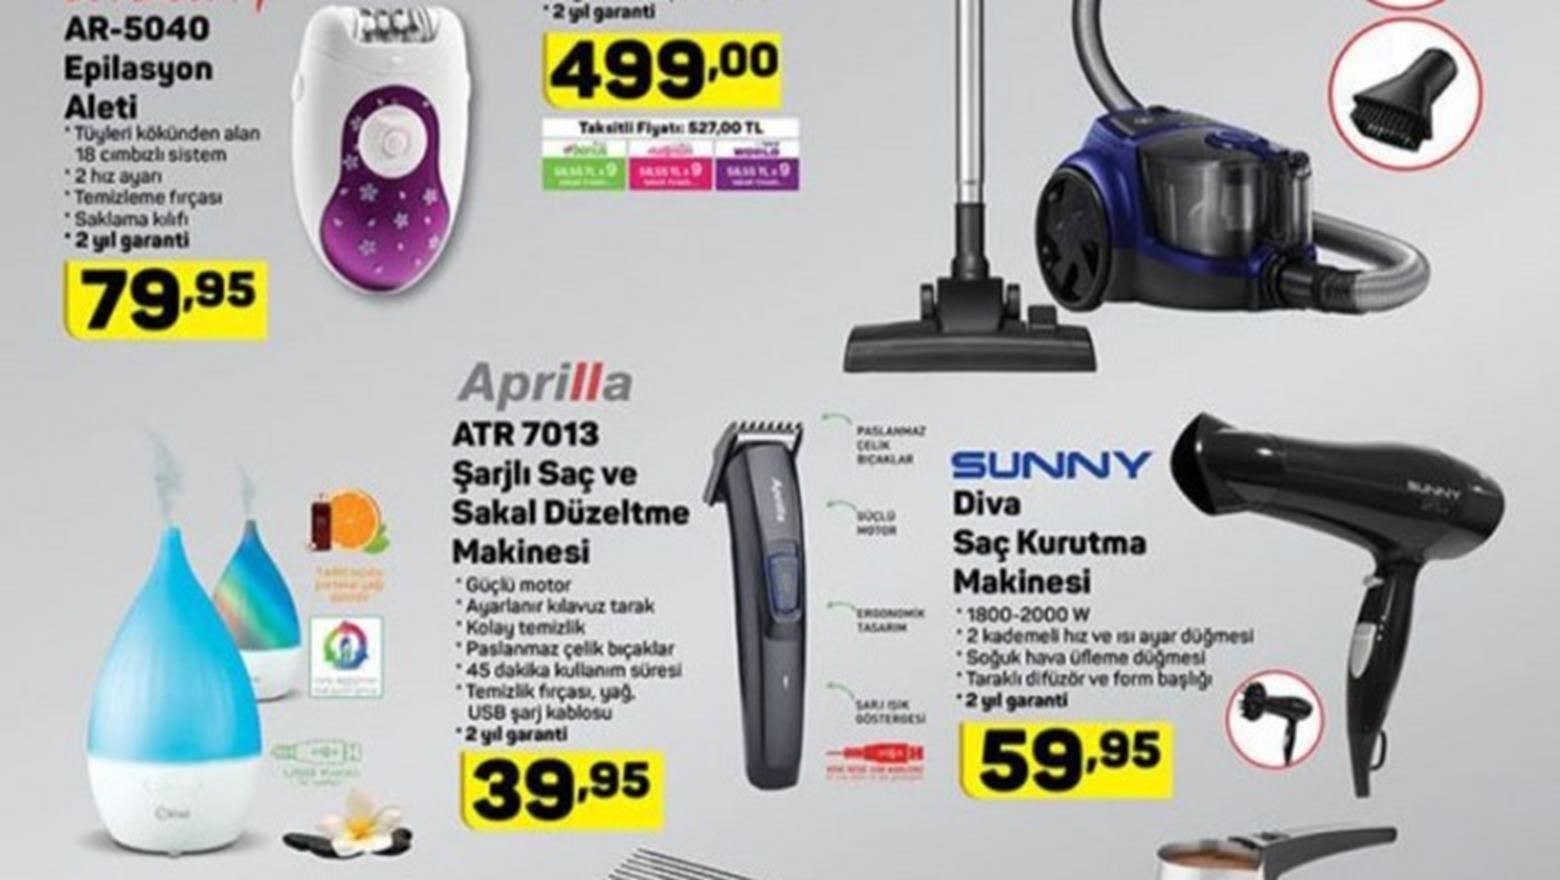 A101 Aktuel Urunler Gelecek A101 Katalogu In 2020 Hair Dryer Vacuum Cleaner Dryer